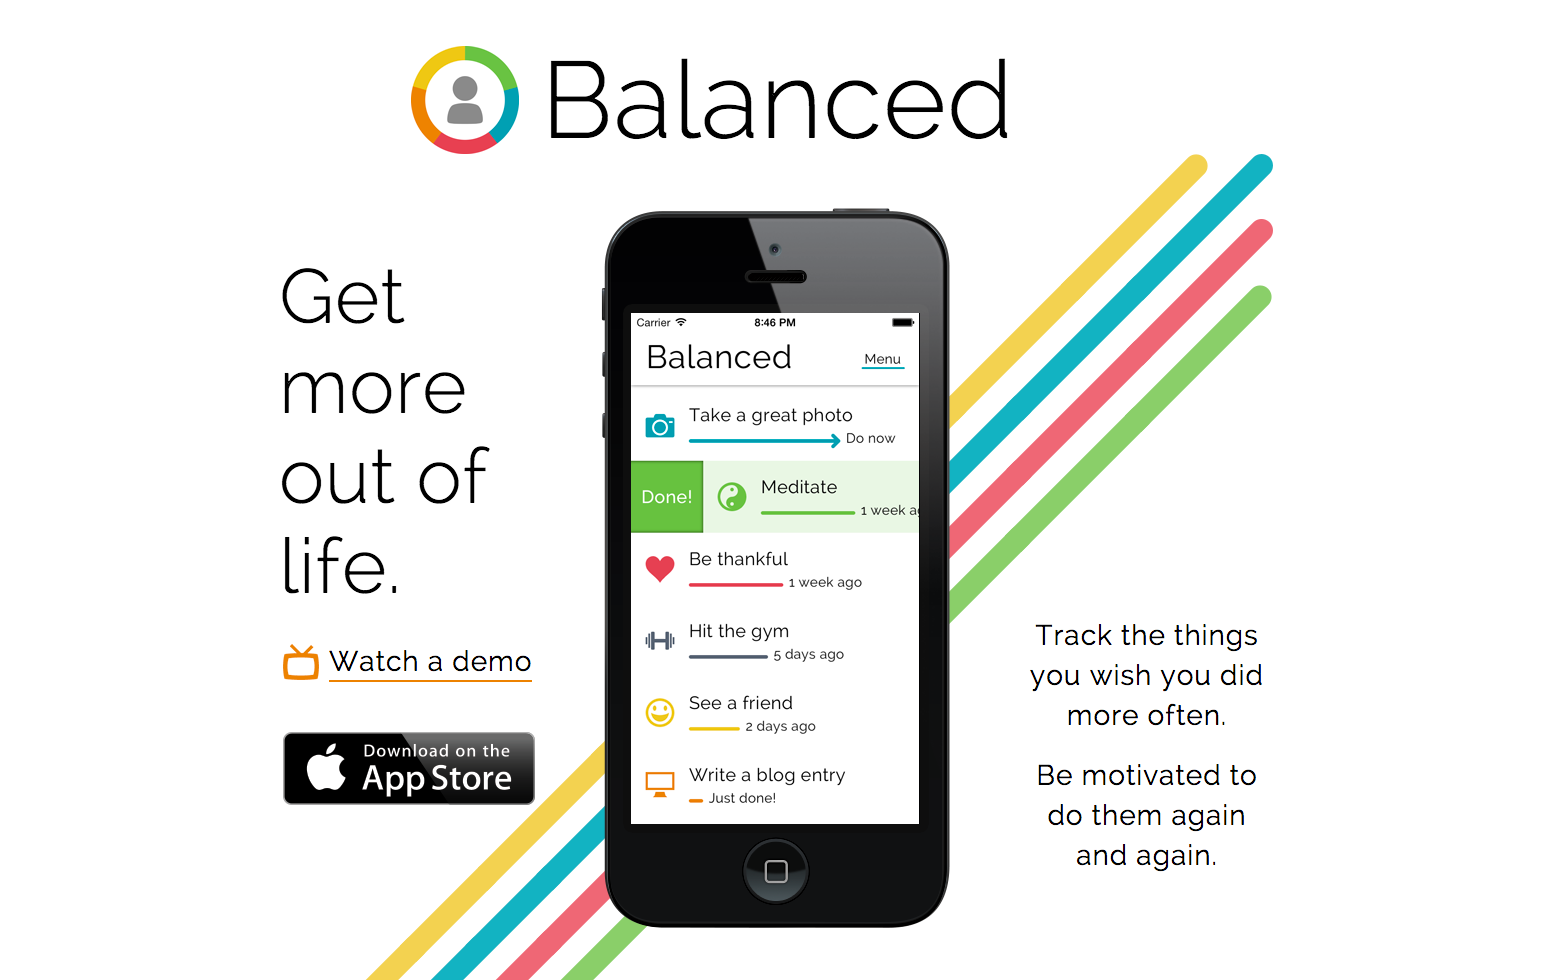 習慣化促進アプリならbalancedが良い 絶妙な時間にリマインドしてくれる